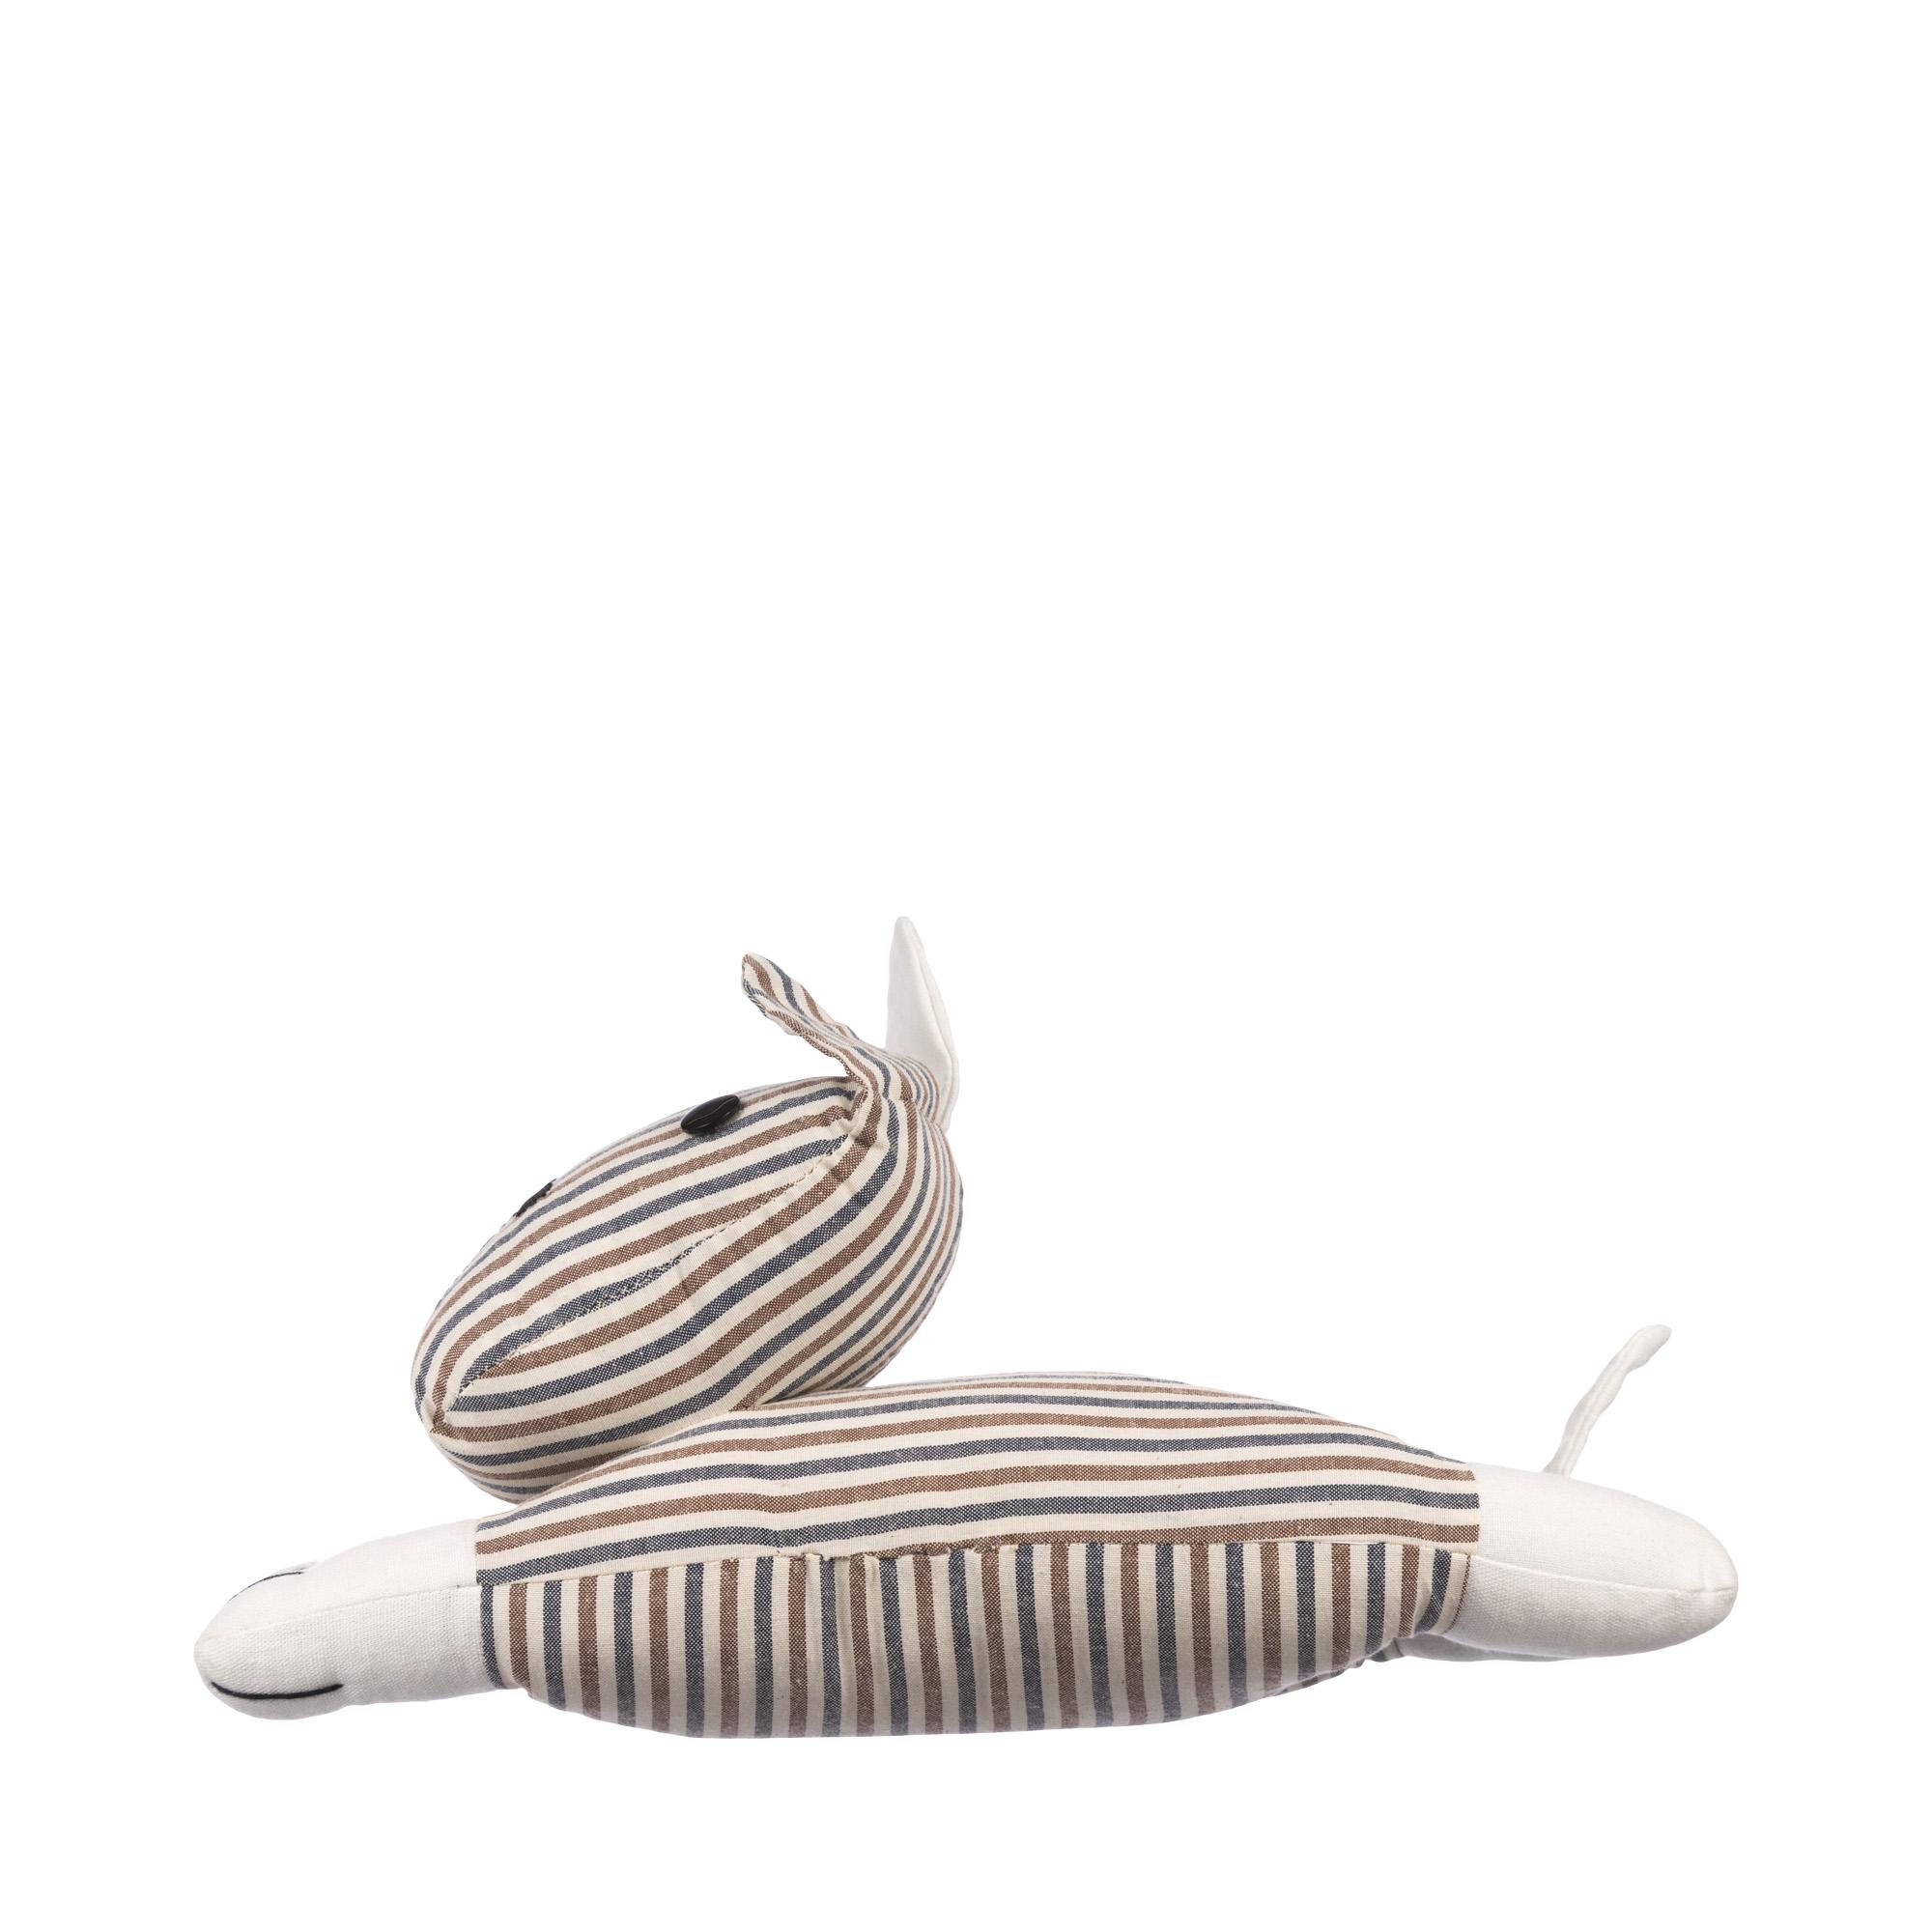 Фото - Плюшевая собака подушка printio плюшевая истрия